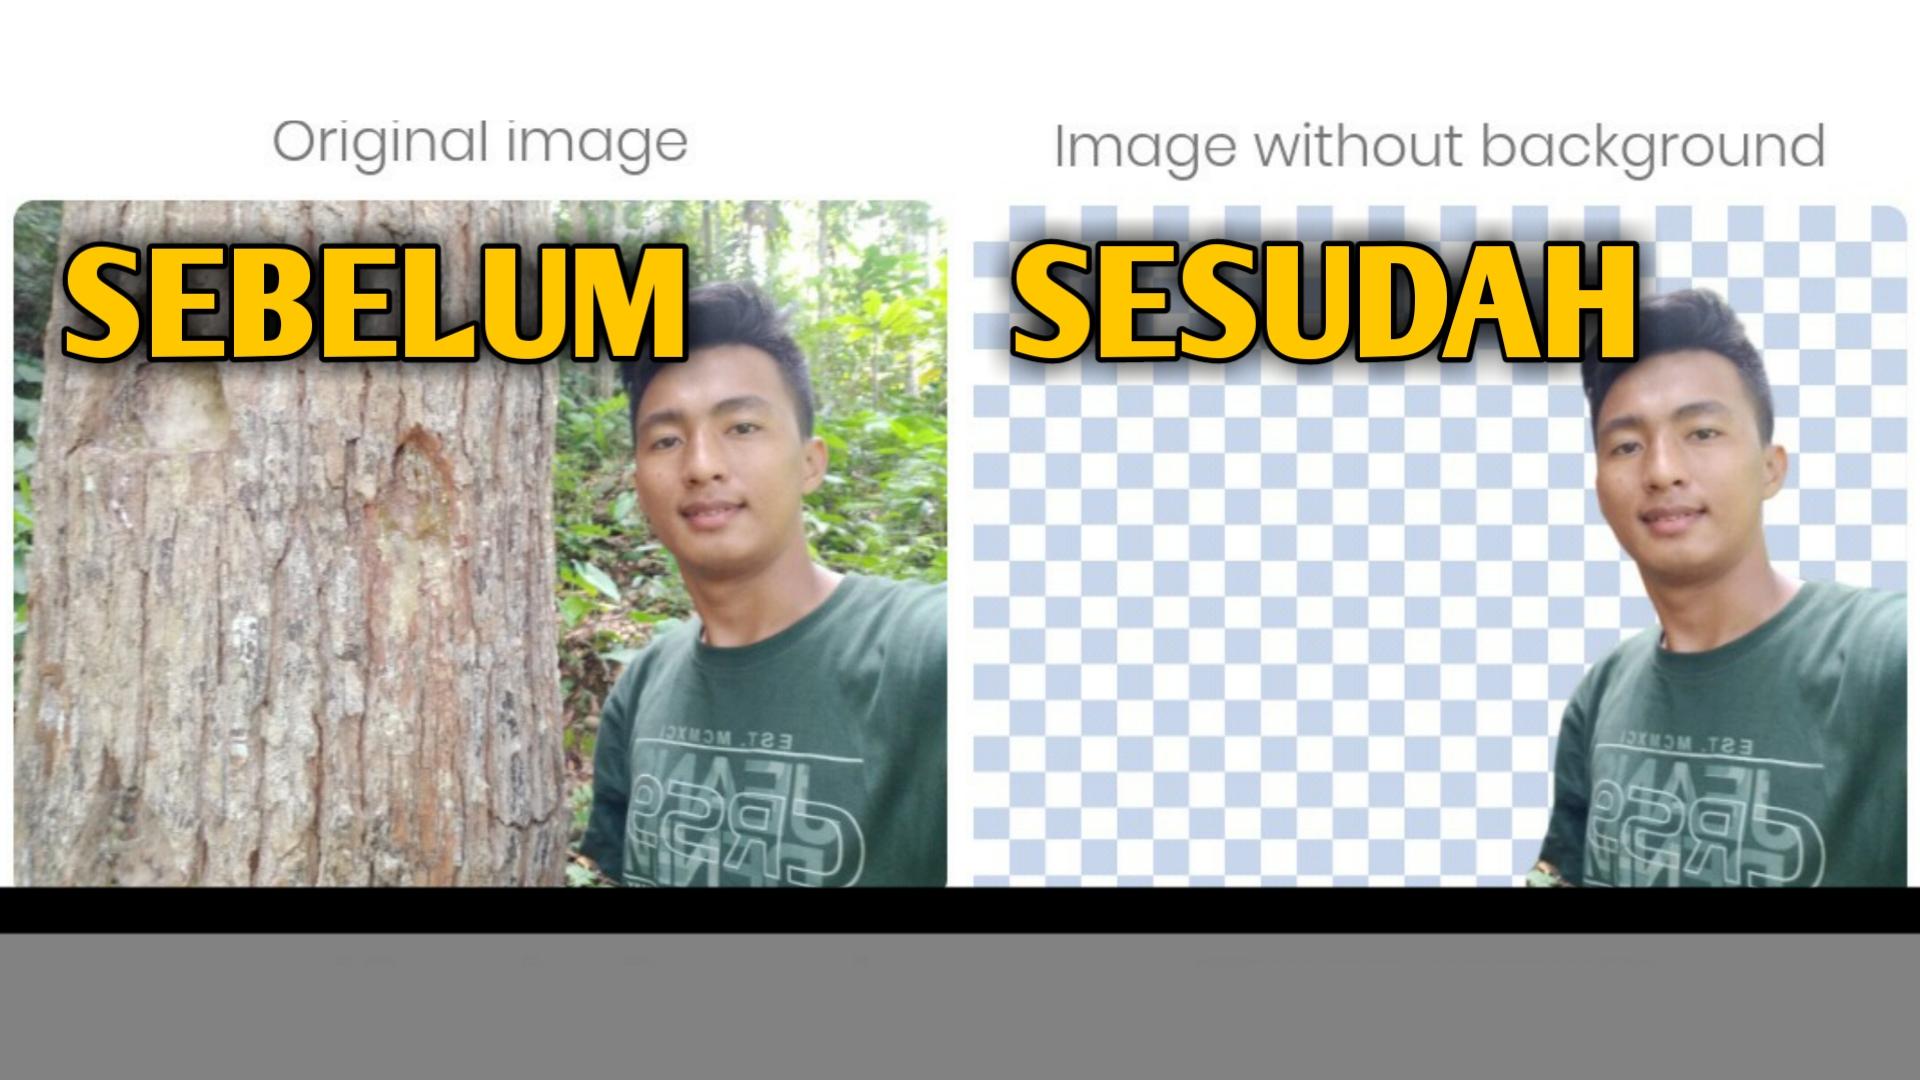 cara menghapus background foto tanpa aplikasi